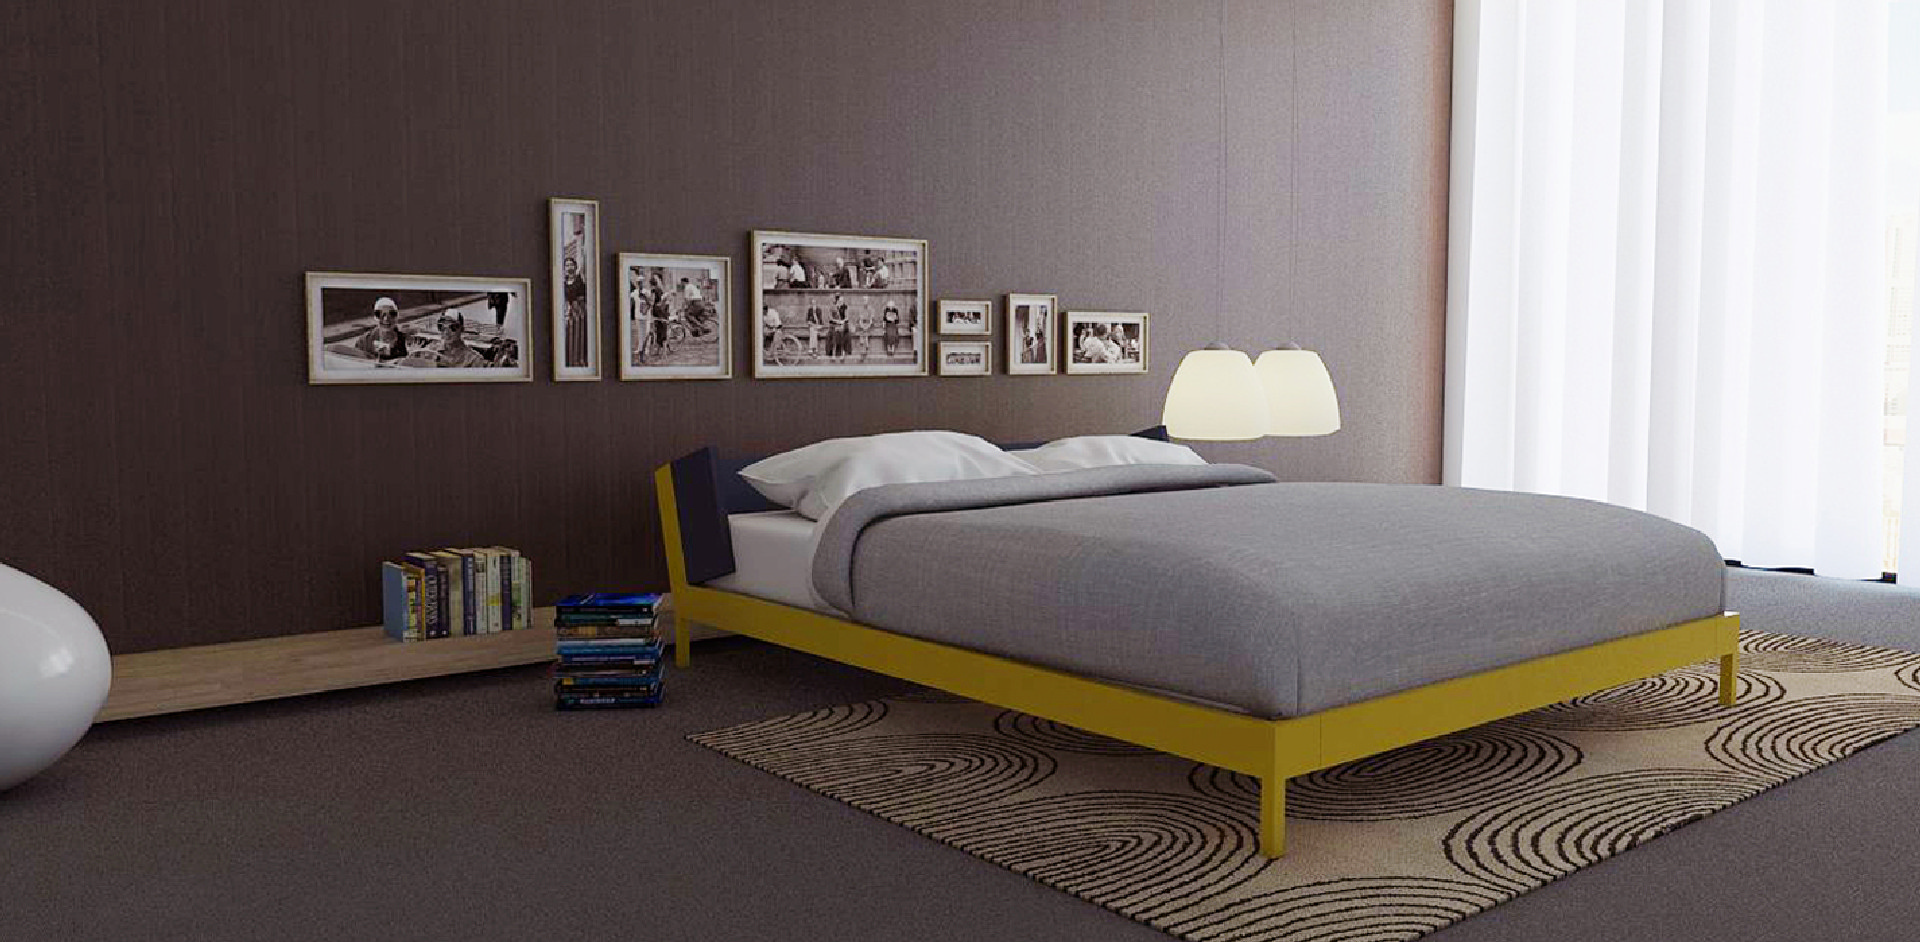 3 Wim Celis Aluminium bed_OK